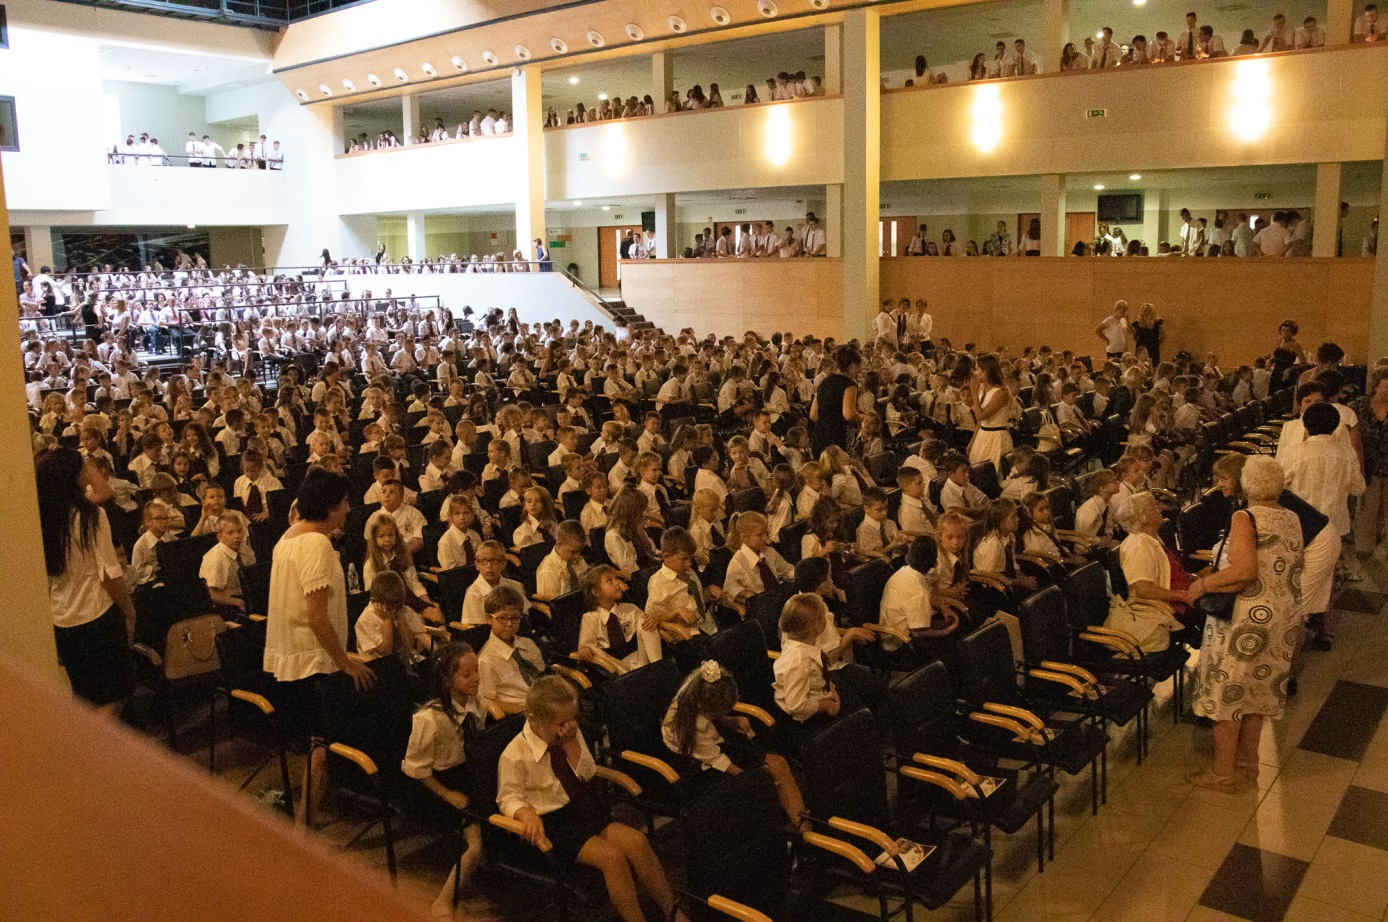 Az iskola 1150 diákja benépesítette az ünnepség helyszínéül szolgáló impozáns Kodály Zoltán Kulturális Központot